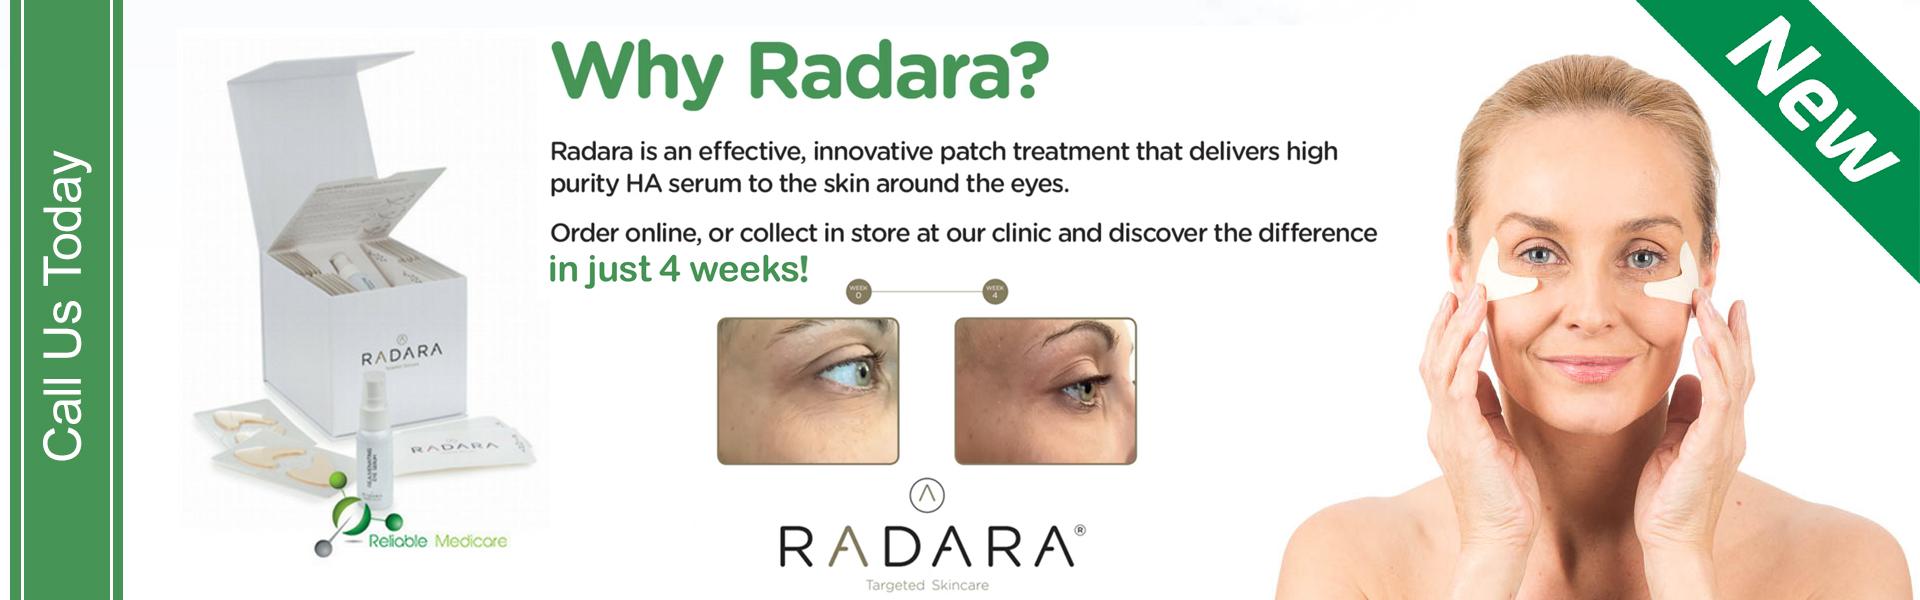 Radara